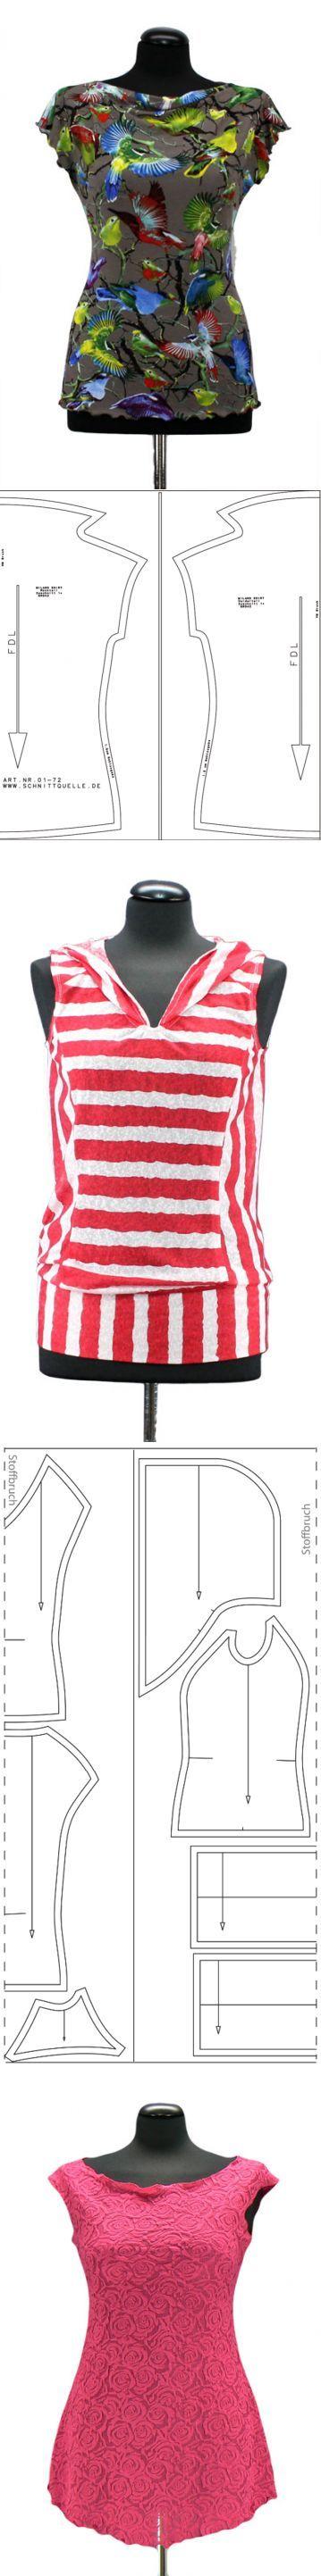 Модные блузки для лета...<3 Deniz <3